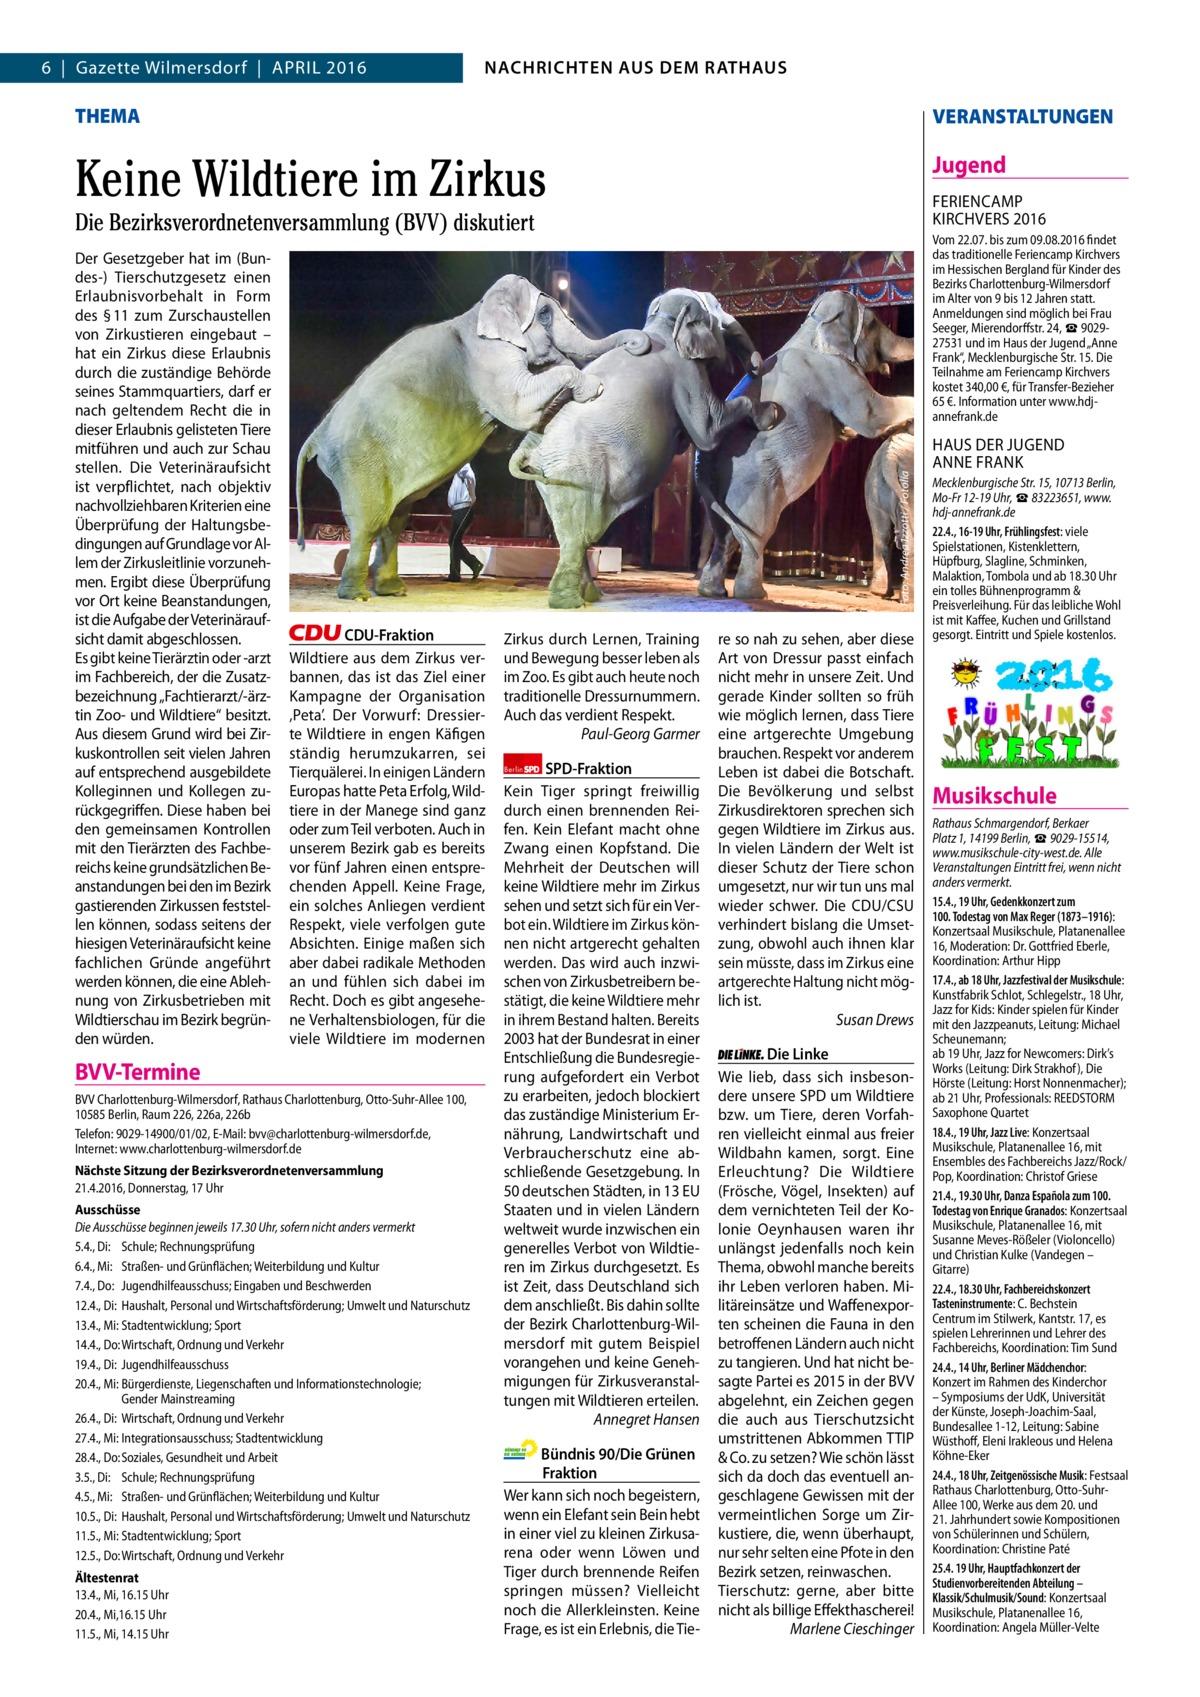 2  6|Gazette Wilmersdorf|April 2016  NACHRICHTEN AUSAUS DEM NACHRICHTEN DEM RATHAUS RATHAUS  GAZETTE Wilmersdorf 4/16  THEMA  VERANSTALTUNGEN  Keine Wildtiere im Zirkus  Jugend FEriENCAMp KirCHVErS 2016  Die Bezirksverordnetenversammlung (BVV) diskutiert  CDU-Fraktion Wildtiere aus dem Zirkus verbannen, das ist das Ziel einer Kampagne der Organisation 'peta'. Der Vorwurf: Dressierte Wildtiere in engen Käfigen ständig herumzukarren, sei Tierquälerei. in einigen ländern Europas hatte peta Erfolg, Wildtiere in der Manege sind ganz oder zum Teil verboten. Auch in unserem Bezirk gab es bereits vor fünf Jahren einen entsprechenden Appell. Keine Frage, ein solches Anliegen verdient respekt, viele verfolgen gute Absichten. Einige maßen sich aber dabei radikale Methoden an und fühlen sich dabei im recht. Doch es gibt angesehene Verhaltensbiologen, für die viele Wildtiere im modernen  BVV-Termine BVV Charlottenburg-Wilmersdorf, Rathaus Charlottenburg, Otto-Suhr-Allee 100, 10585Berlin, Raum 226, 226a, 226b Telefon: 9029-14900/01/02, E-Mail: bvv@charlottenburg-wilmersdorf.de, Internet: www.charlottenburg-wilmersdorf.de Nächste Sitzung der Bezirksverordnetenversammlung 21.4.2016, Donnerstag, 17Uhr Ausschüsse Die Ausschüsse beginnen jeweils 17.30Uhr, sofern nicht anders vermerkt 5.4., Di: Schule; Rechnungsprüfung 6.4., Mi: Straßen- und Grünflächen; Weiterbildung und Kultur 7.4., Do: Jugendhilfeausschuss; Eingaben und Beschwerden 12.4., Di: Haushalt, Personal und Wirtschaftsförderung; Umwelt und Naturschutz 13.4., Mi: Stadtentwicklung; Sport 14.4., Do: Wirtschaft, Ordnung und Verkehr 19.4., Di: Jugendhilfeausschuss 20.4., Mi: Bürgerdienste, Liegenschaften und Informationstechnologie; Gender Mainstreaming 26.4., Di: Wirtschaft, Ordnung und Verkehr 27.4., Mi: Integrationsausschuss; Stadtentwicklung 28.4., Do: Soziales, Gesundheit und Arbeit 3.5., Di: Schule; Rechnungsprüfung 4.5., Mi: Straßen- und Grünflächen; Weiterbildung und Kultur 10.5., Di: Haushalt, Personal und Wirtschaftsför